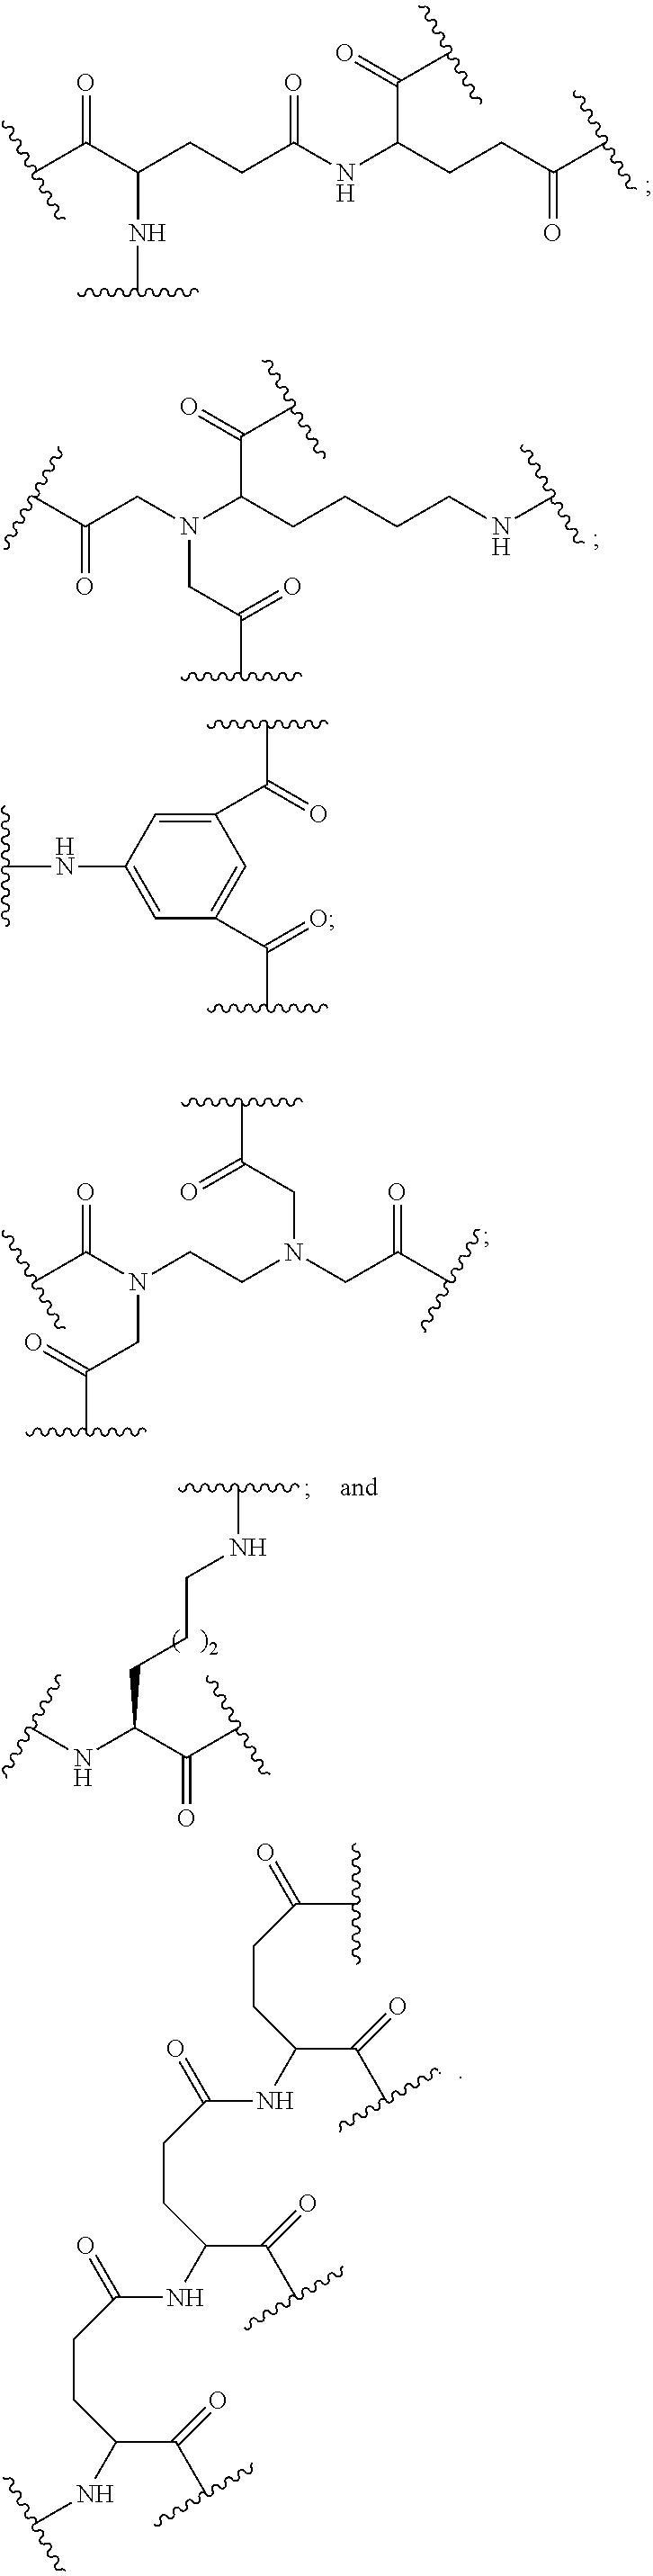 Figure US09957504-20180501-C00063